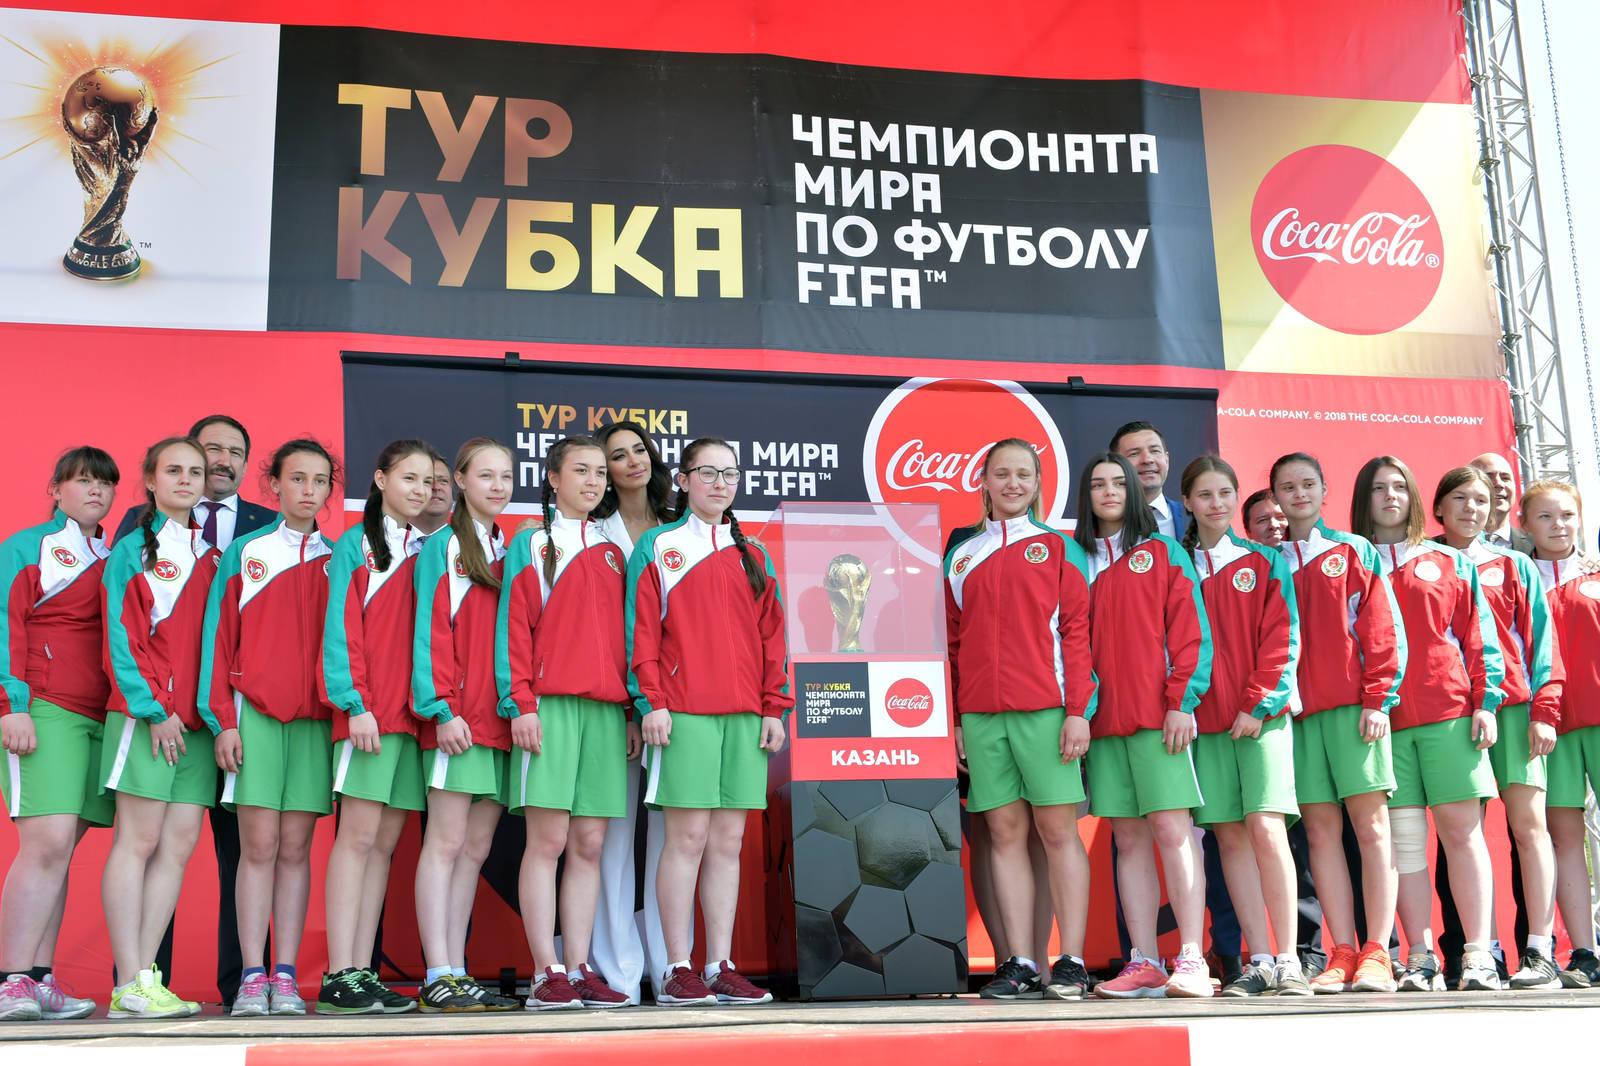 6 кг чистого золота: в Казань привезли Кубок мира по футболу (ФОТО, ВИДЕО)